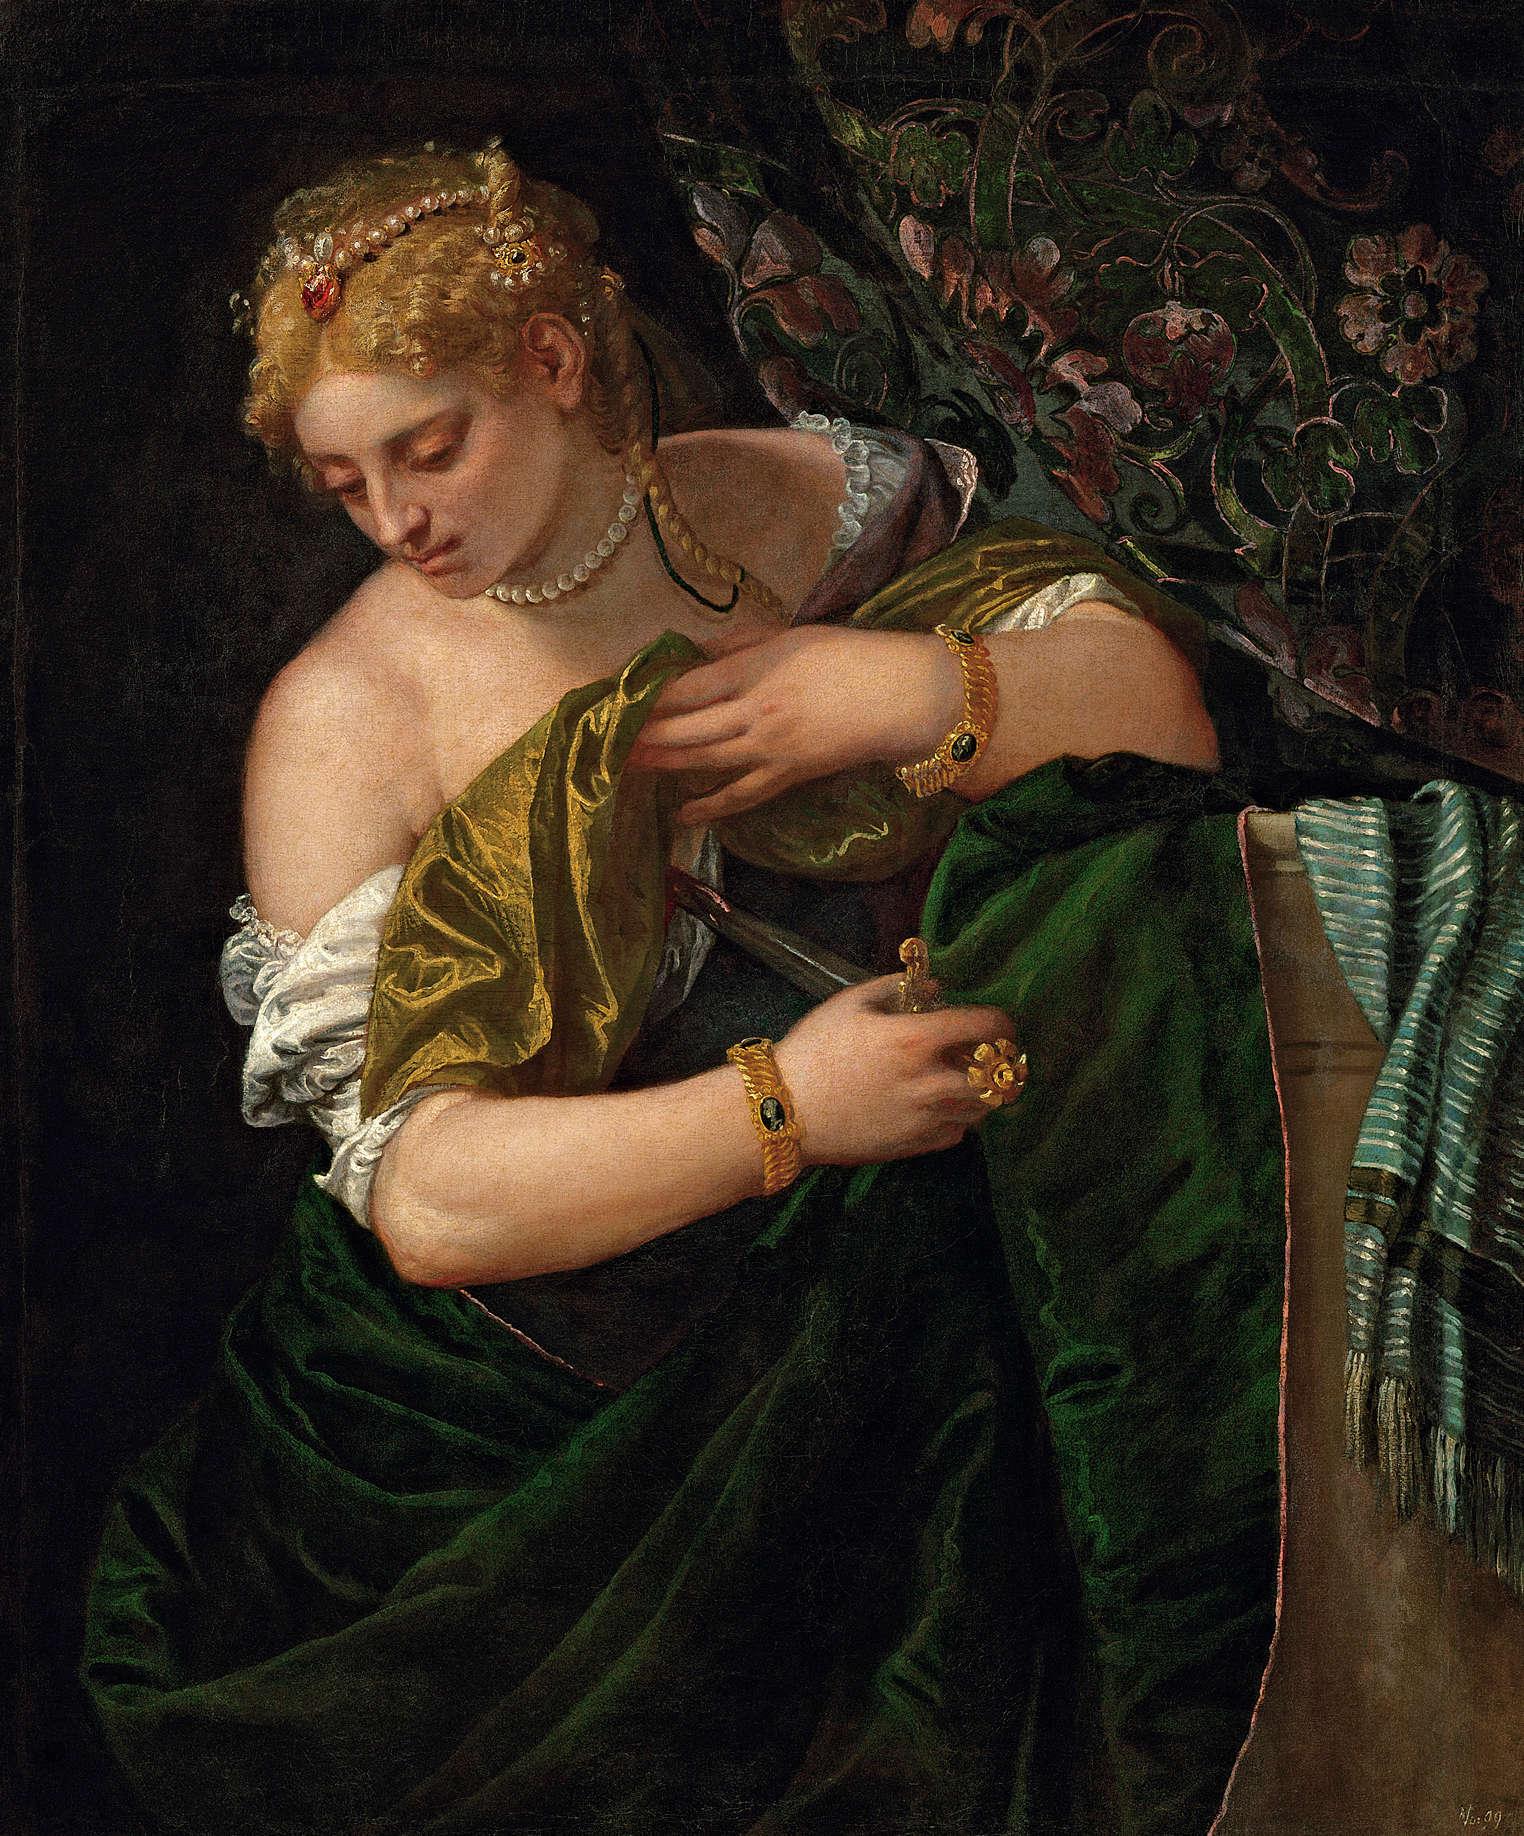 Veronese, Lucretia, 1580‒1583, Öl auf Leinwand, 109,5 x 90,5 cm (Kunsthistorisches Museum, Wien)